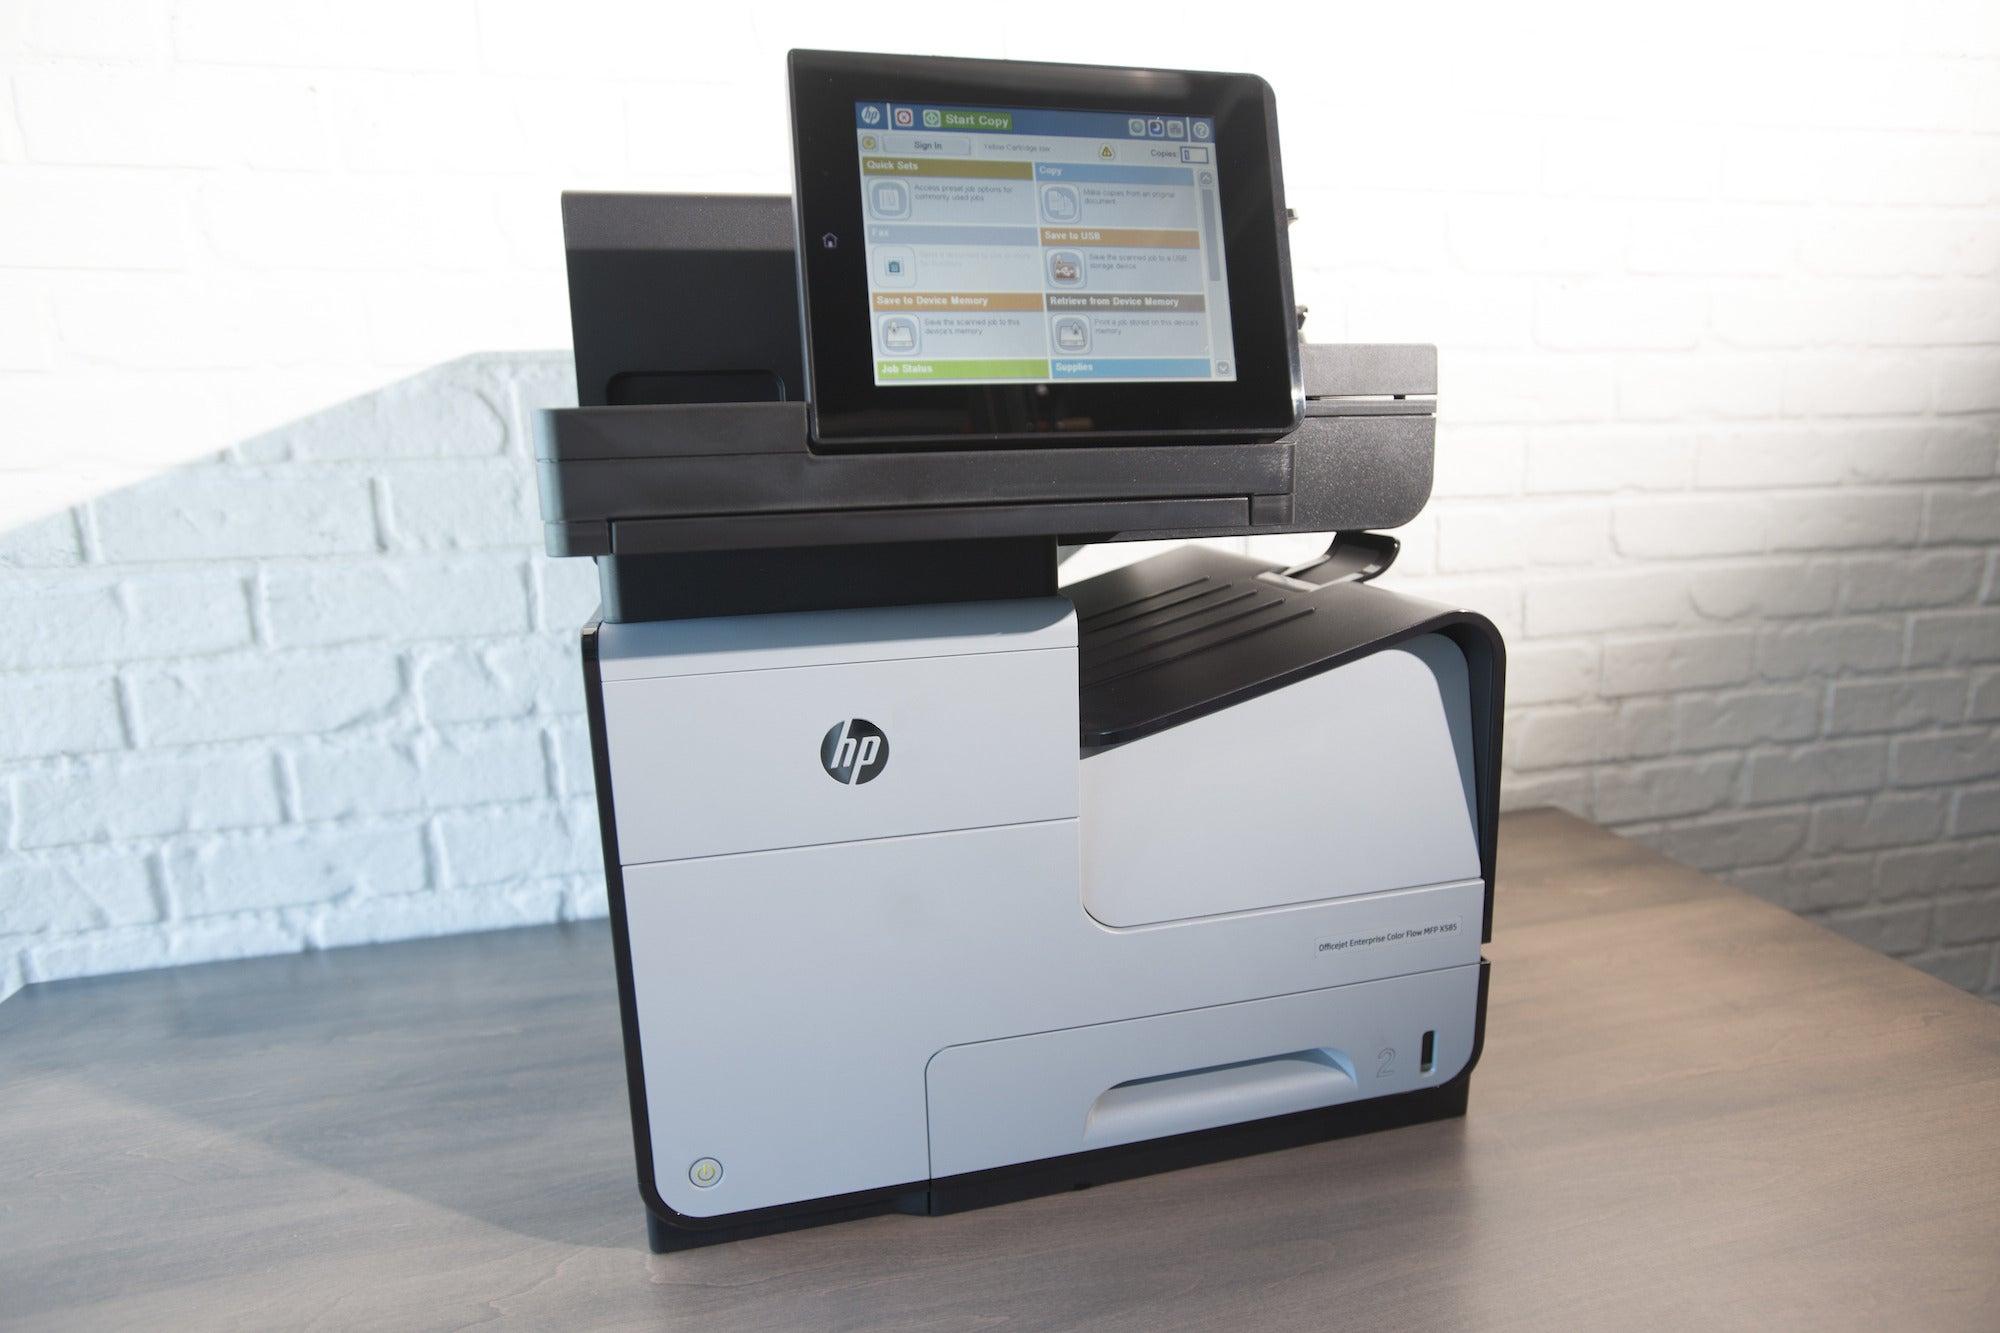 hp officejet enterprise color flow x585z multifunction printer review